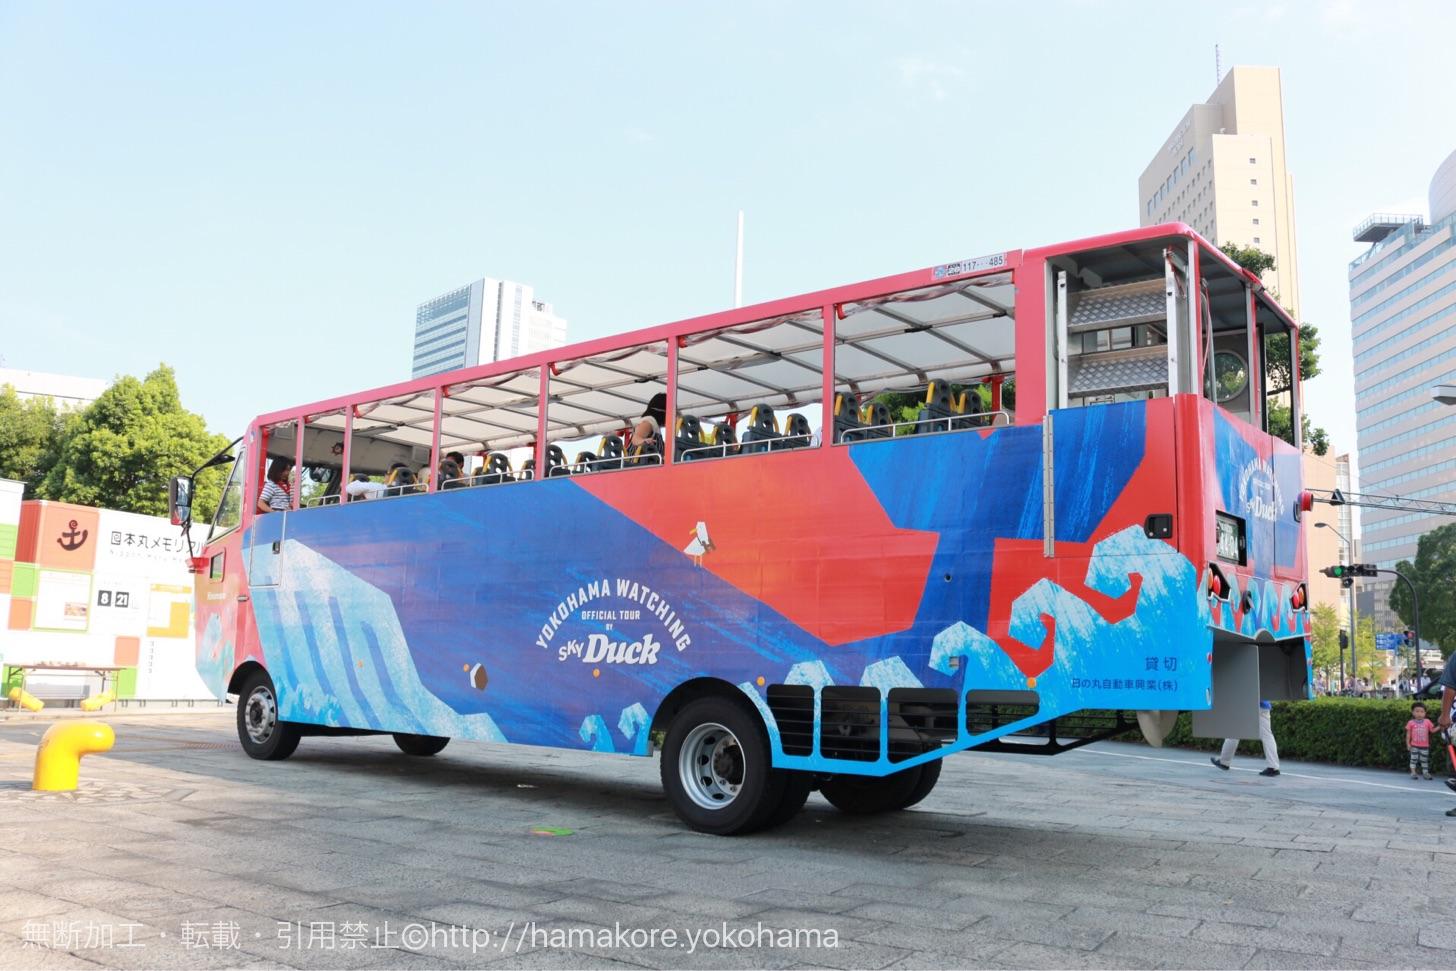 横浜みなとみらい「水陸両用バス」の乗り場はどこ?担当者に聞いてきた